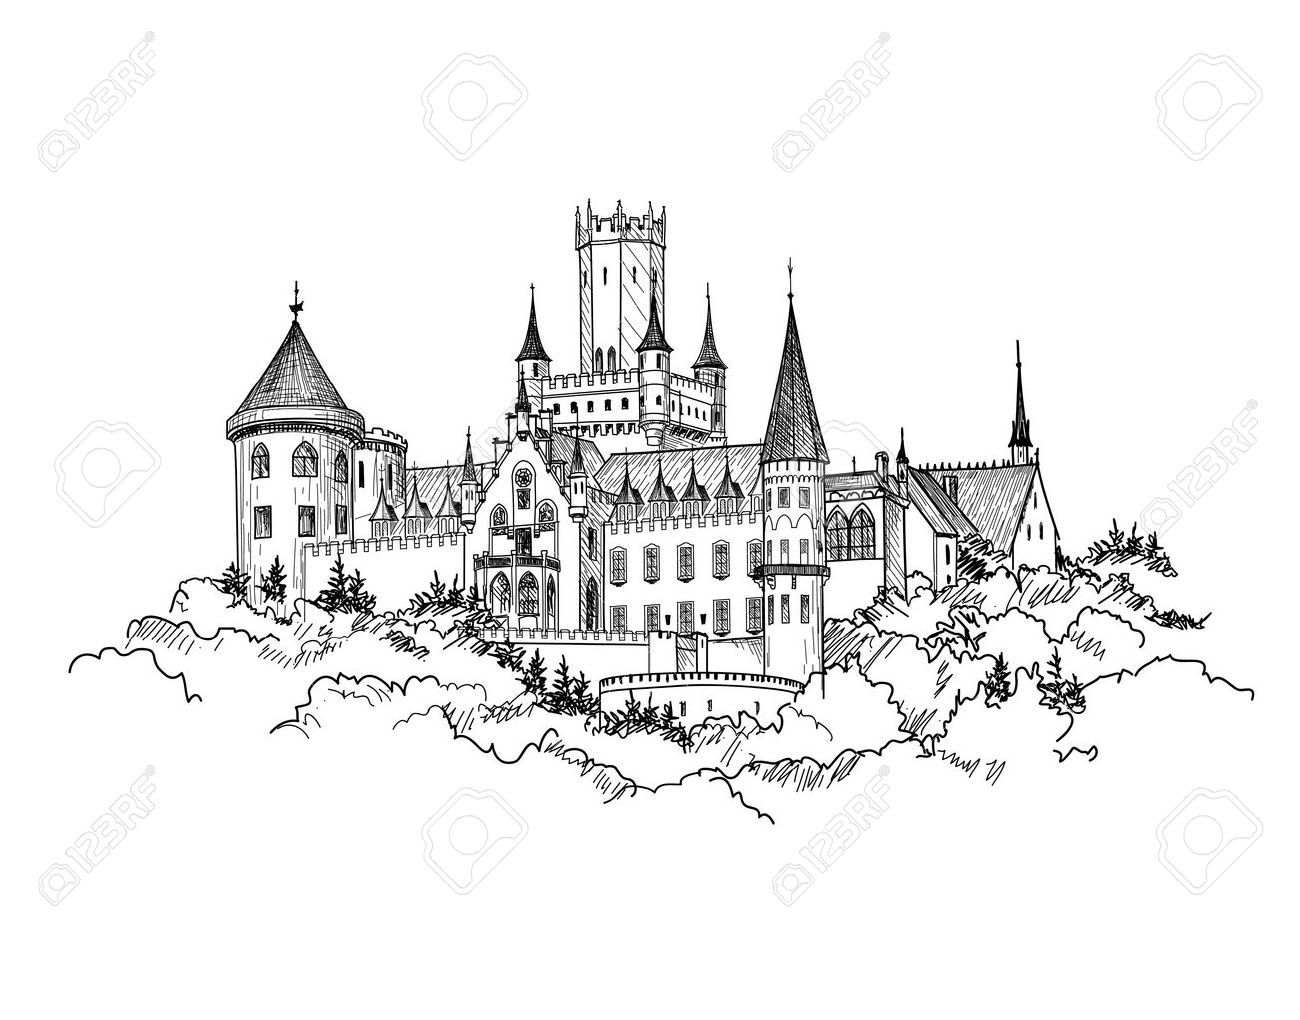 Famous Castle Marienburg, Saxony, Germany. Castle building landscape. Hand drawn sketch vector illustration. - 58635719